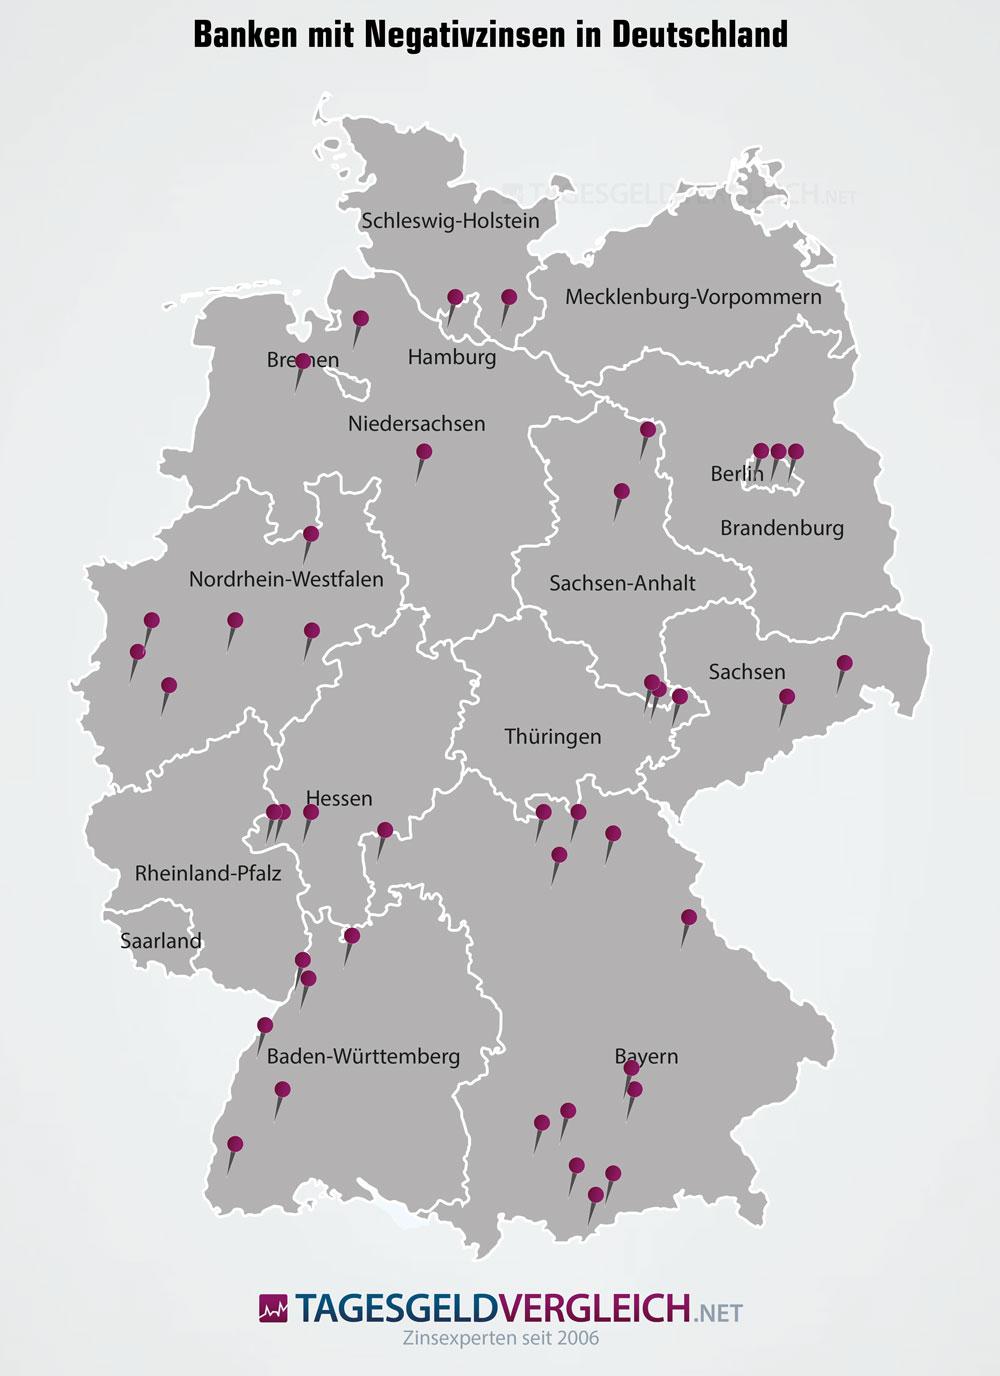 Landkarte der Banken mit Strafzinsen für Privatkunden in Deutschland 2019